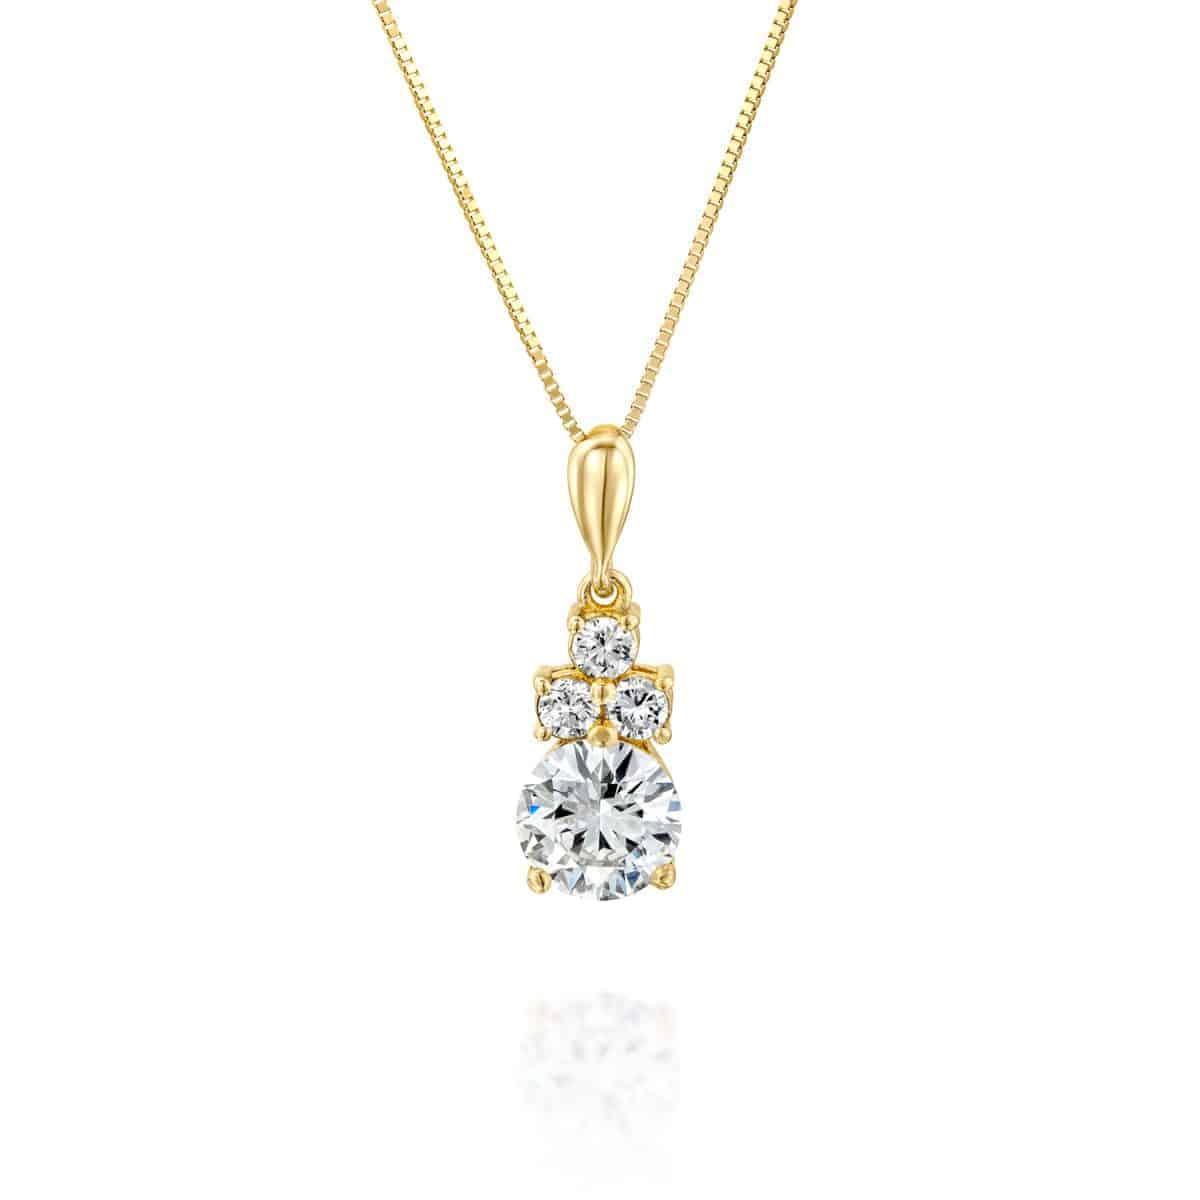 שרשרת יהלום משובצת זהב צהוב 1